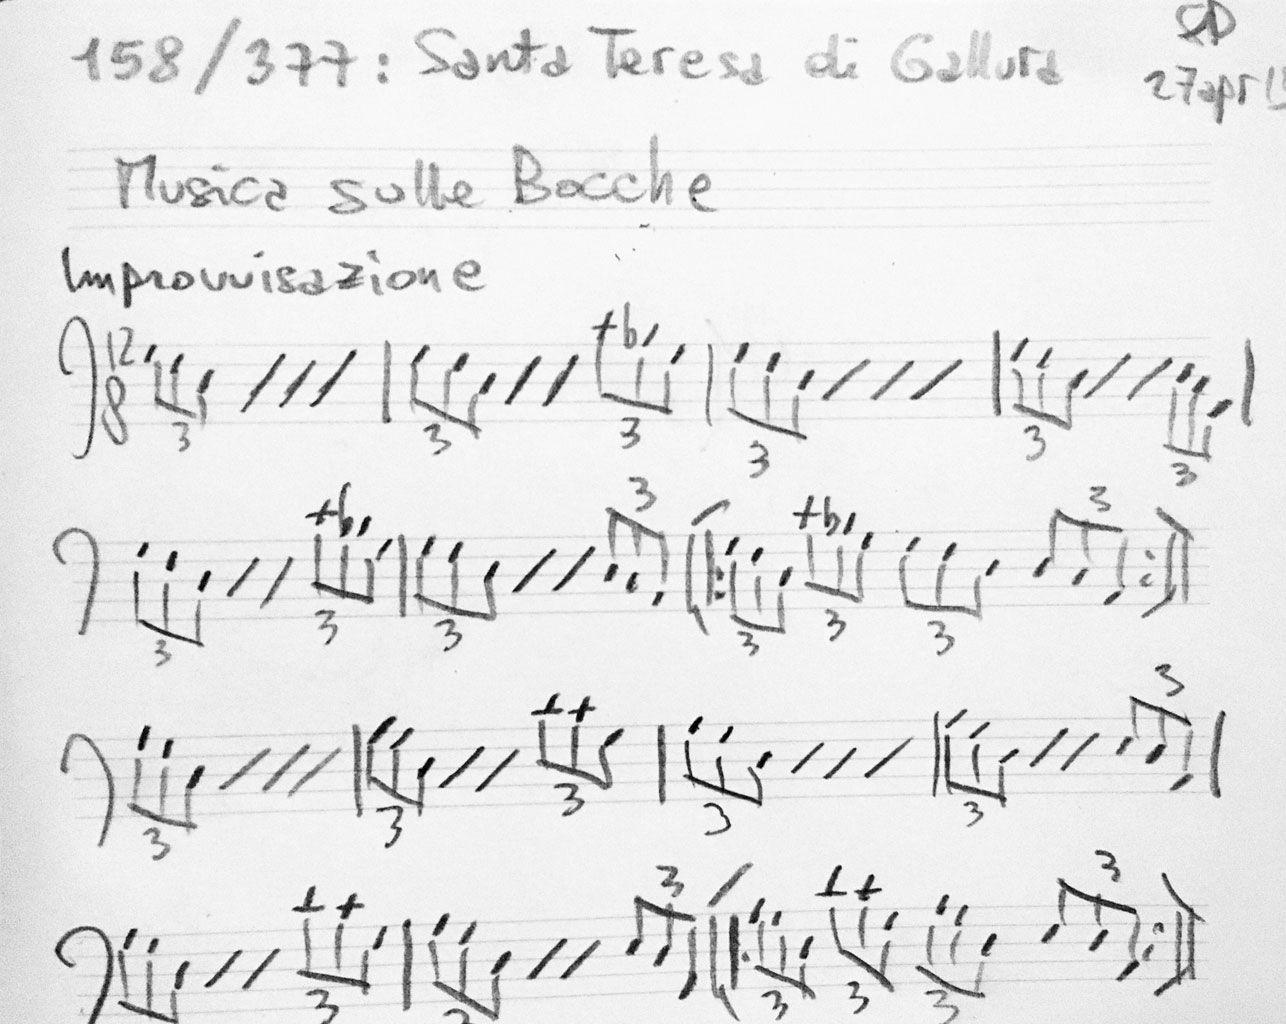 158-Santa-Teresa-di-Gallura-score